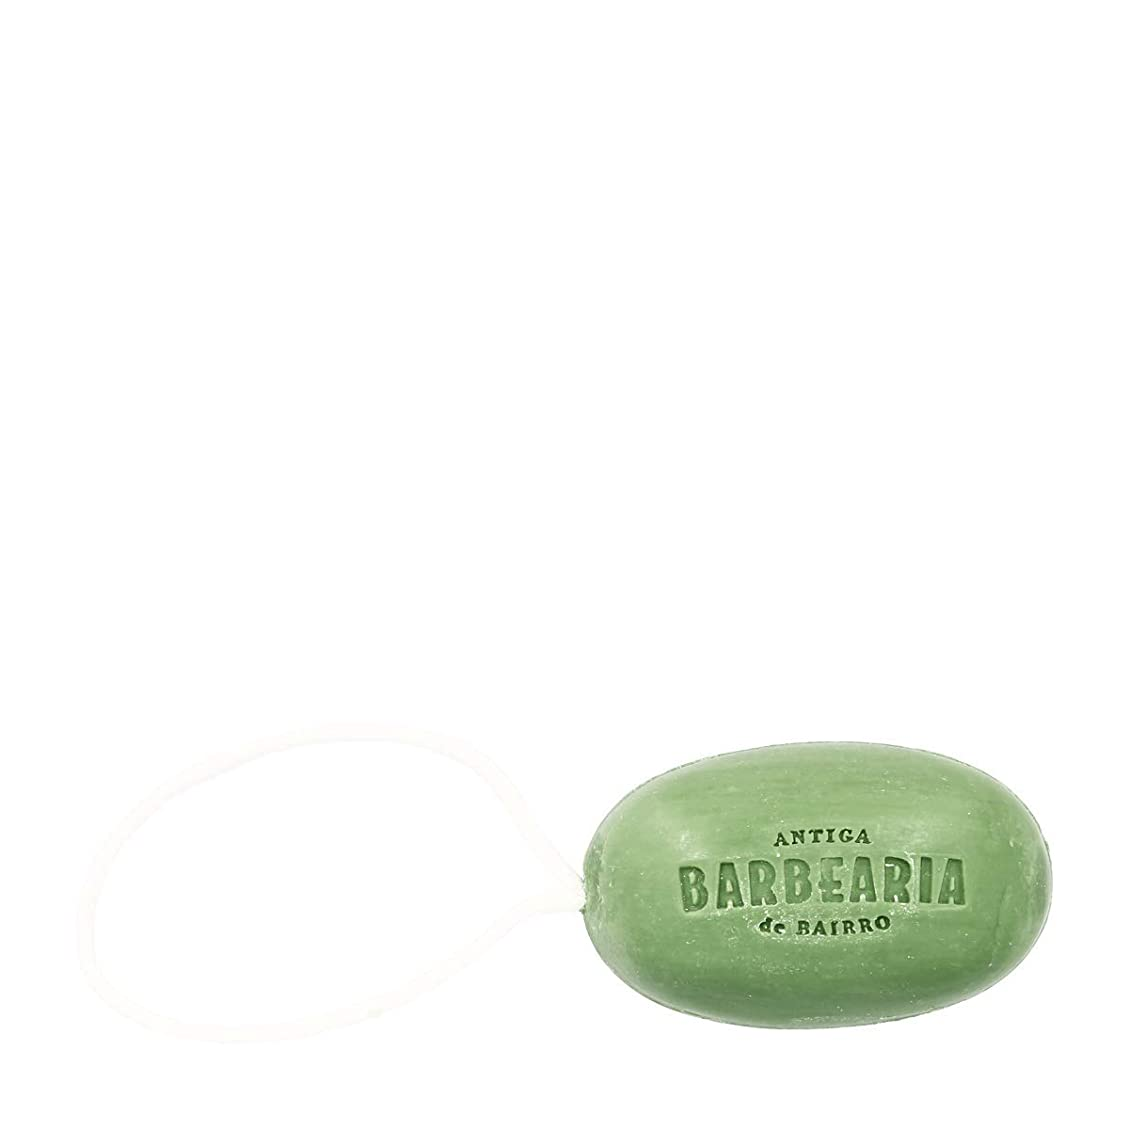 ガス成熟うまくいけばアンティガ?バーベリア(Antiga Barbearia de Bairro)プリンシペソープロープ350g[海外直送品] [並行輸入品]